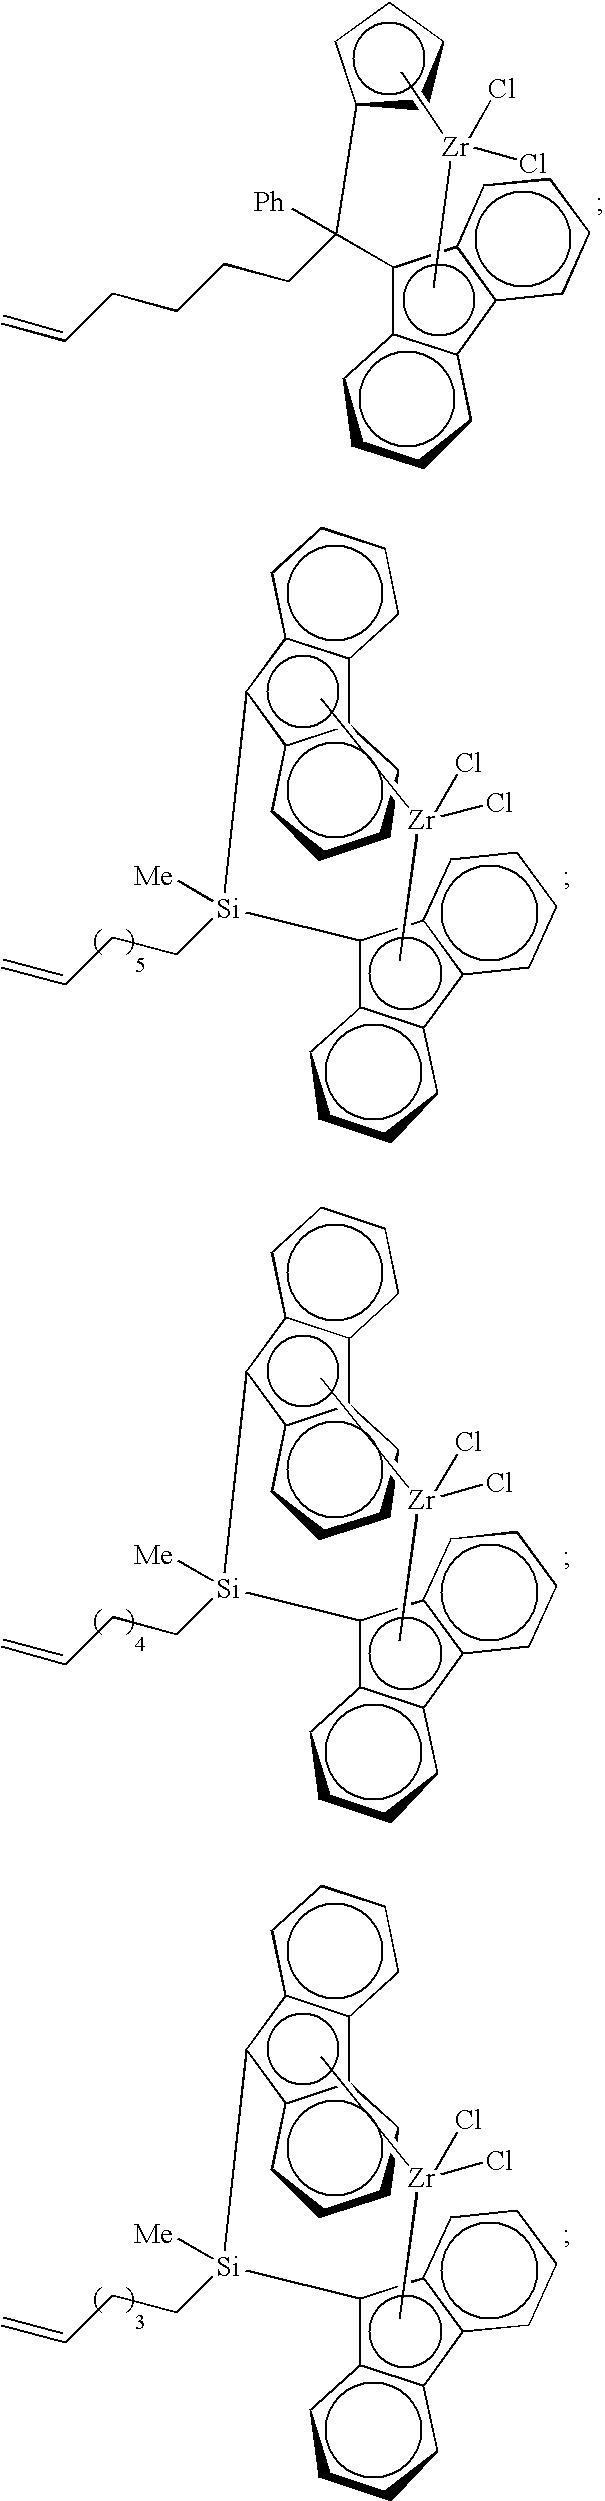 Figure US20050288461A1-20051229-C00010